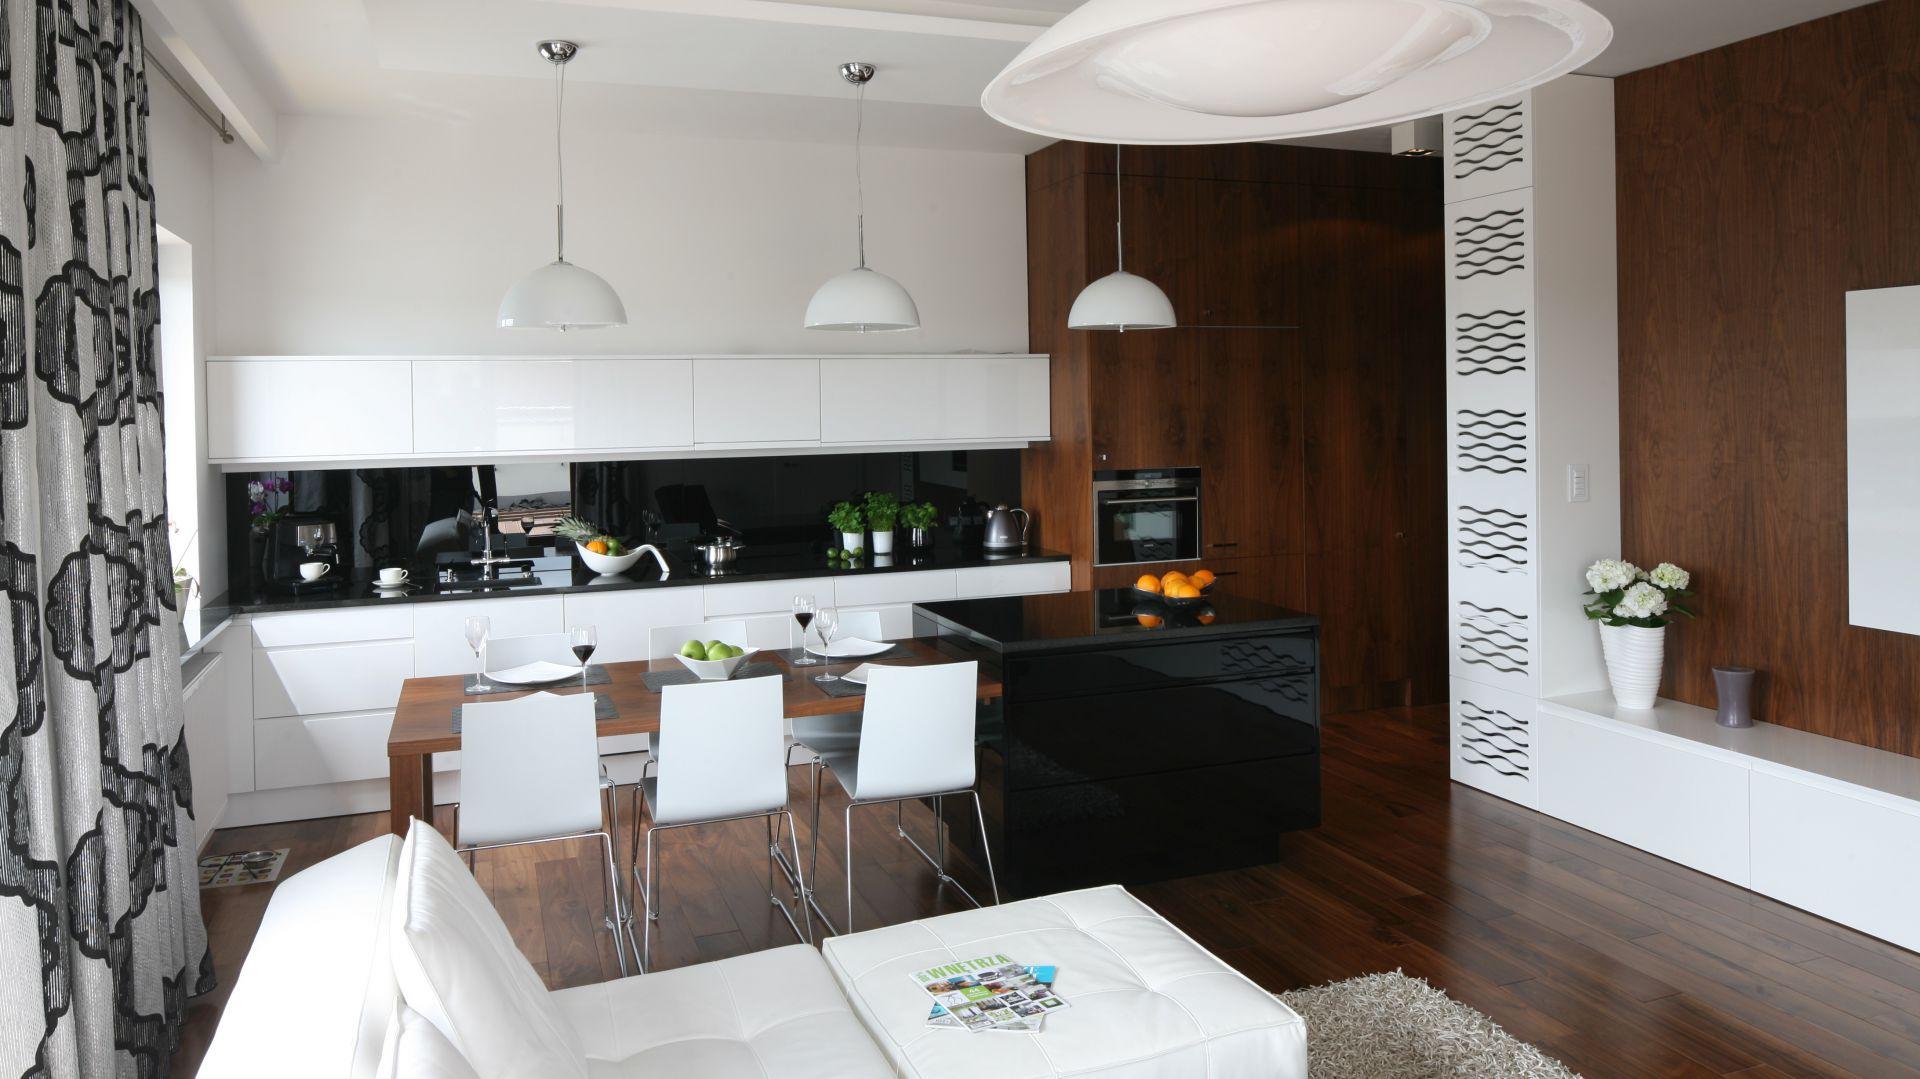 Jadalnia W Kuchni Lub W Salonie 14 Najlepszych Pomyslow Architektow